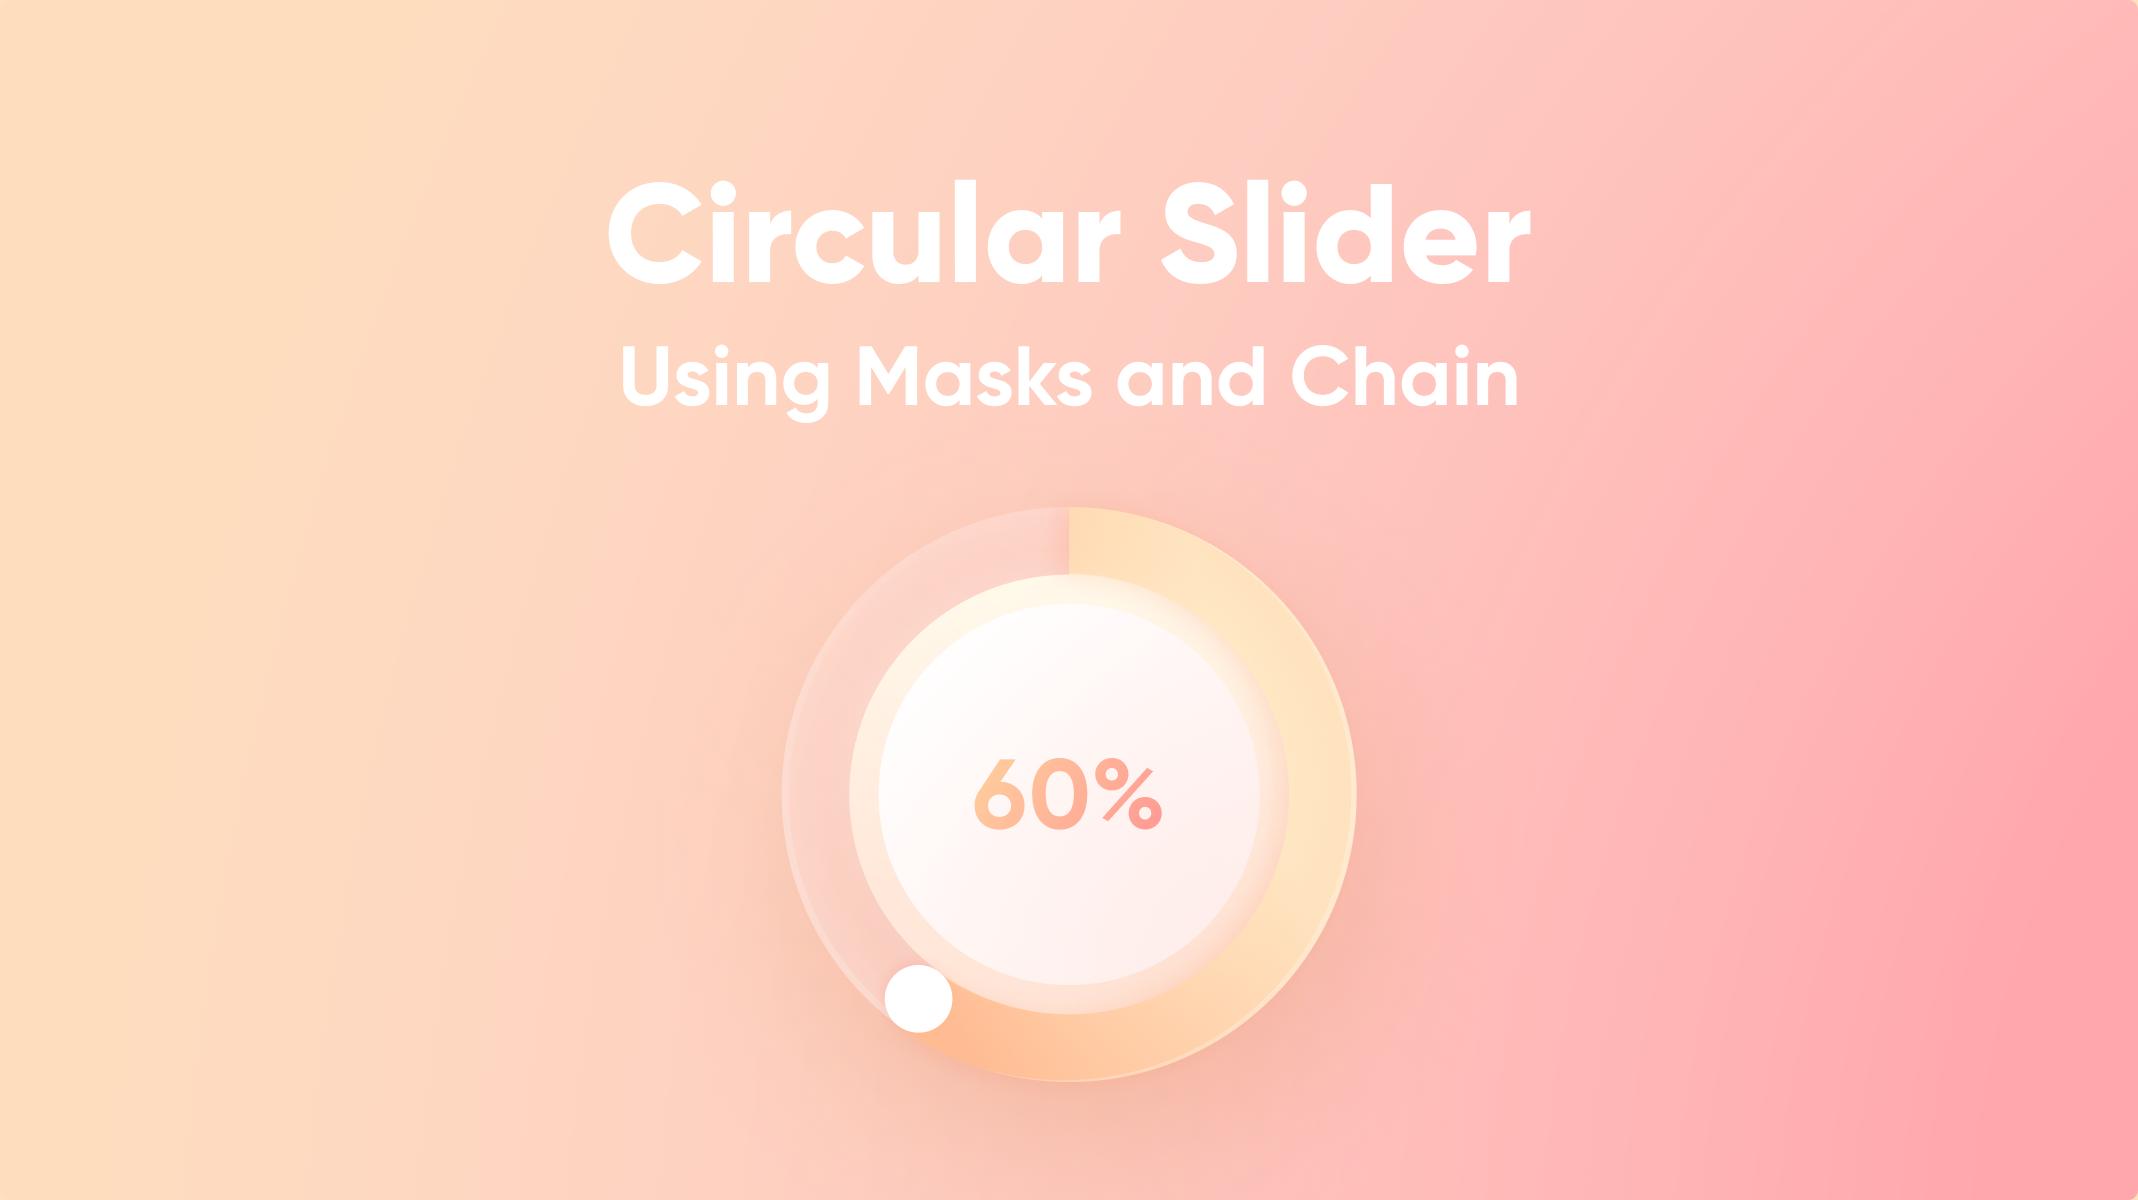 Circular Slider Masks and Chain Thumbnail